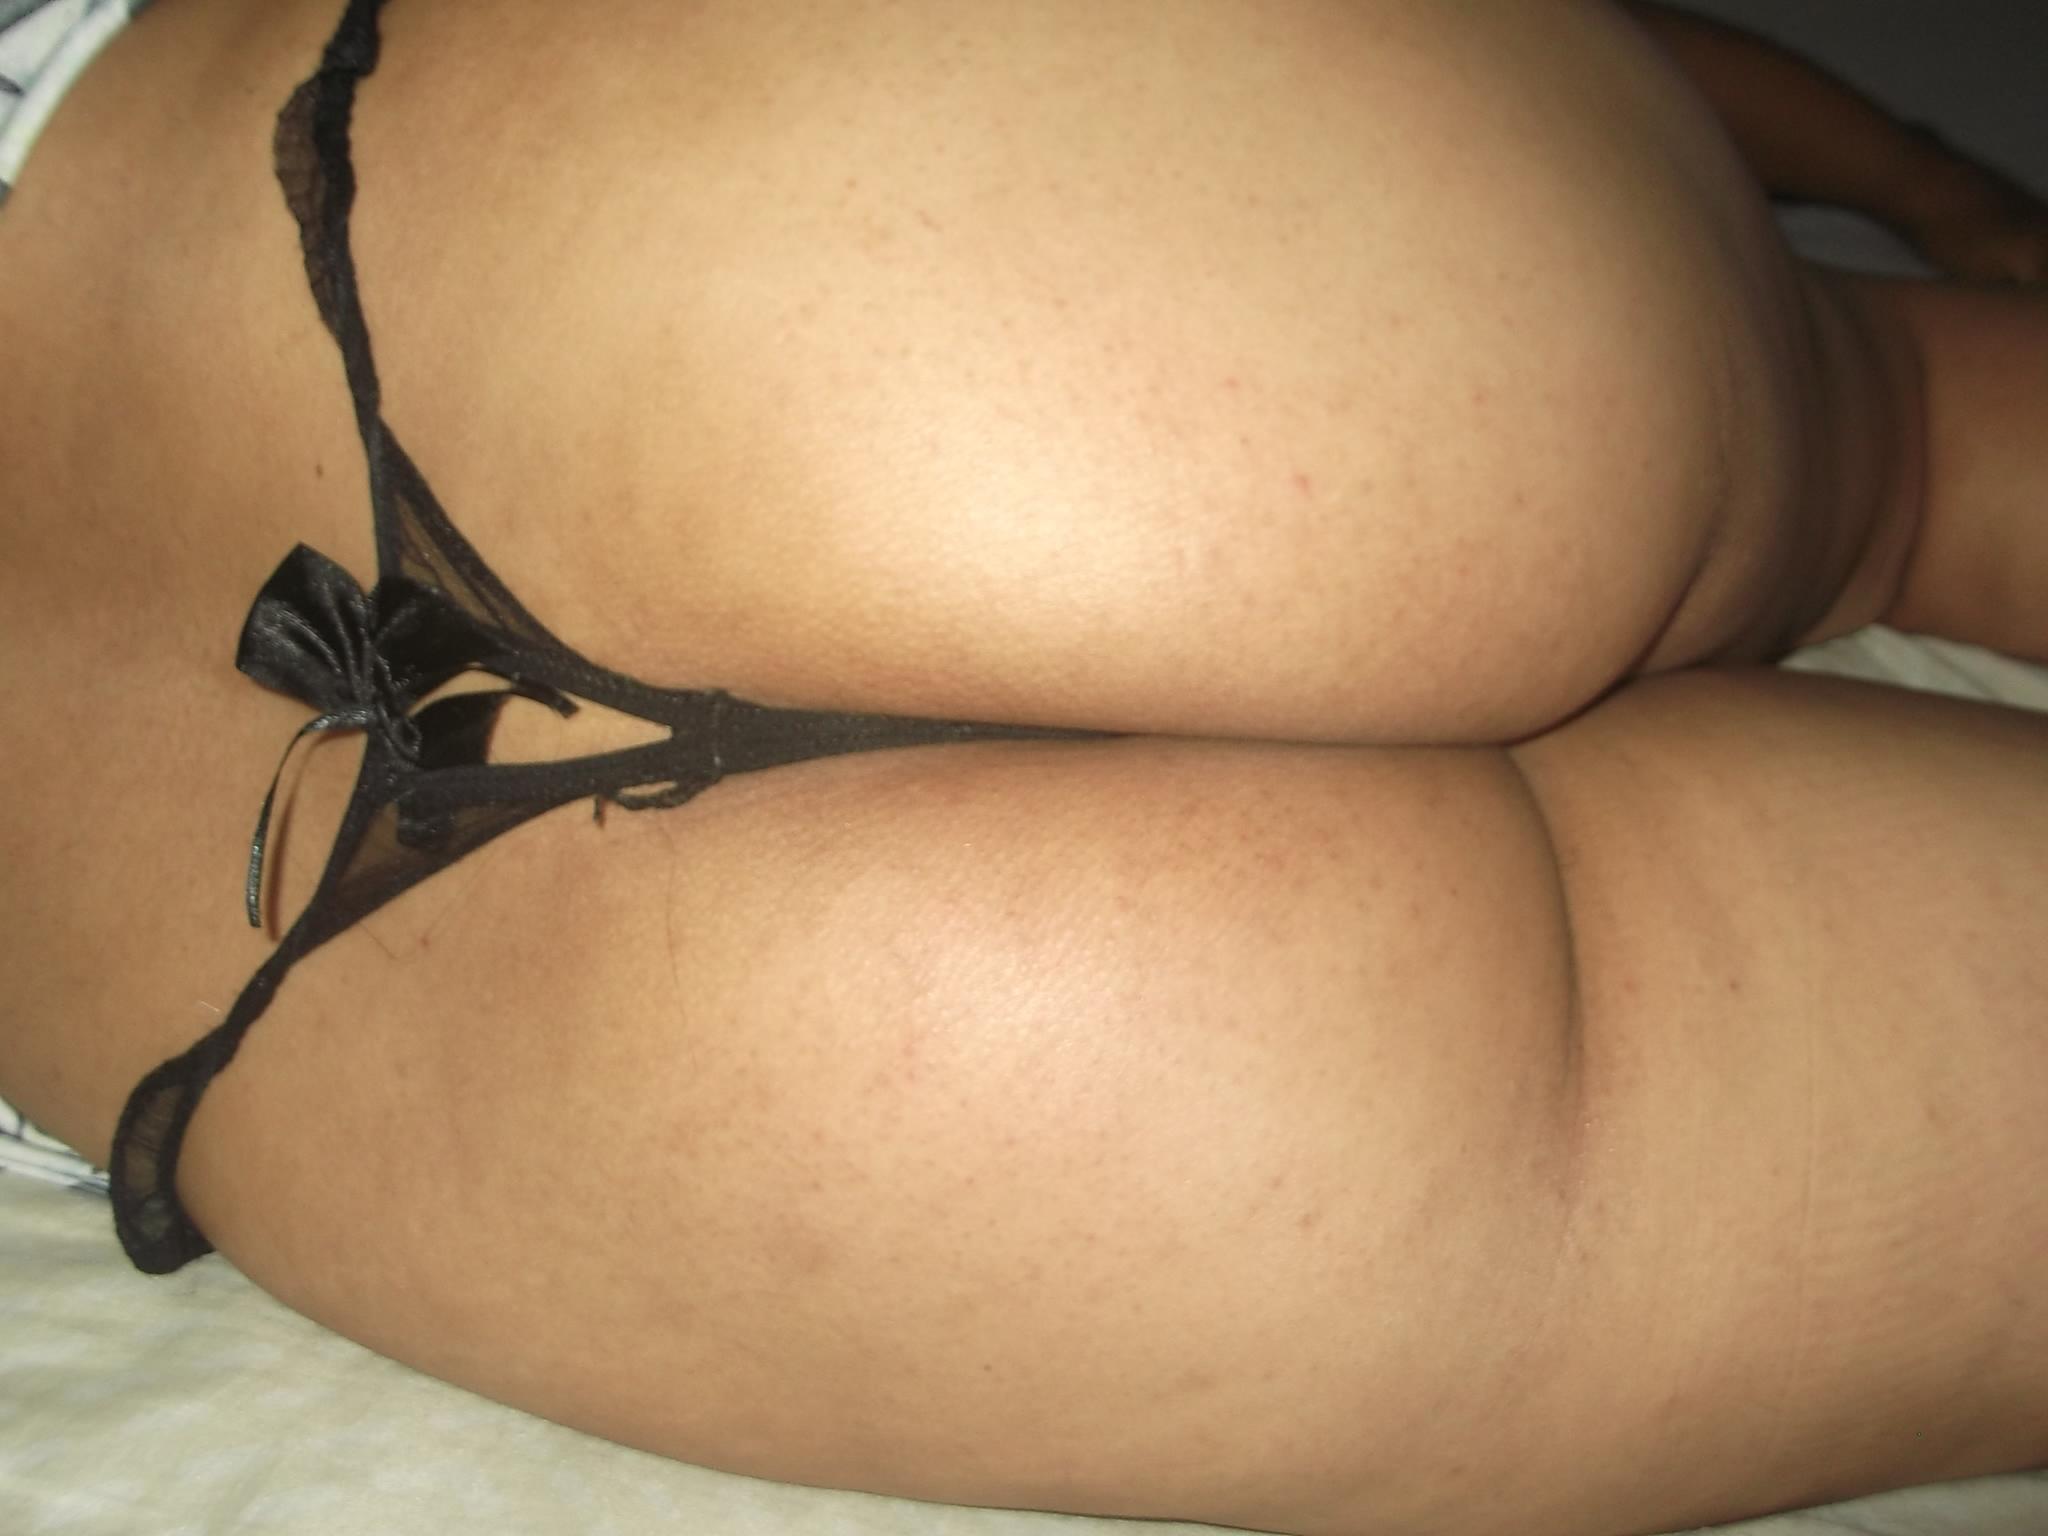 Fotos nuas de uma amadora boazuda que teve sua intimidade vazada na net